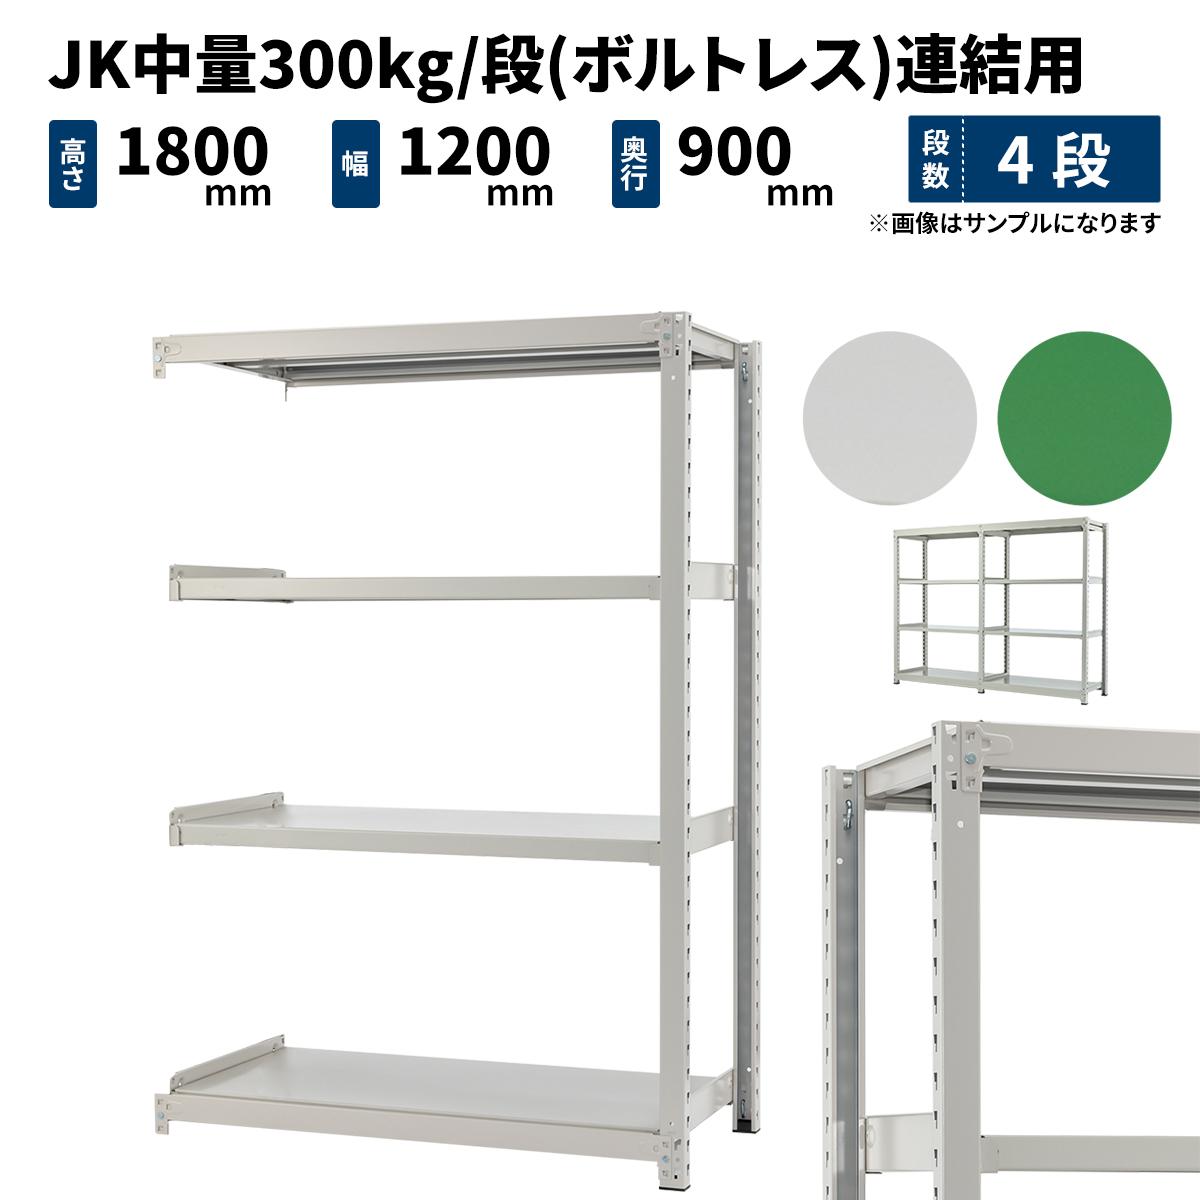 スチールラック 業務用 JK中量300kg/段(ボルトレス) 連結形式 高さ1800×幅1200×奥行900mm 4段 ホワイトグレー/グリーン (77kg) JK300_R-181209-4